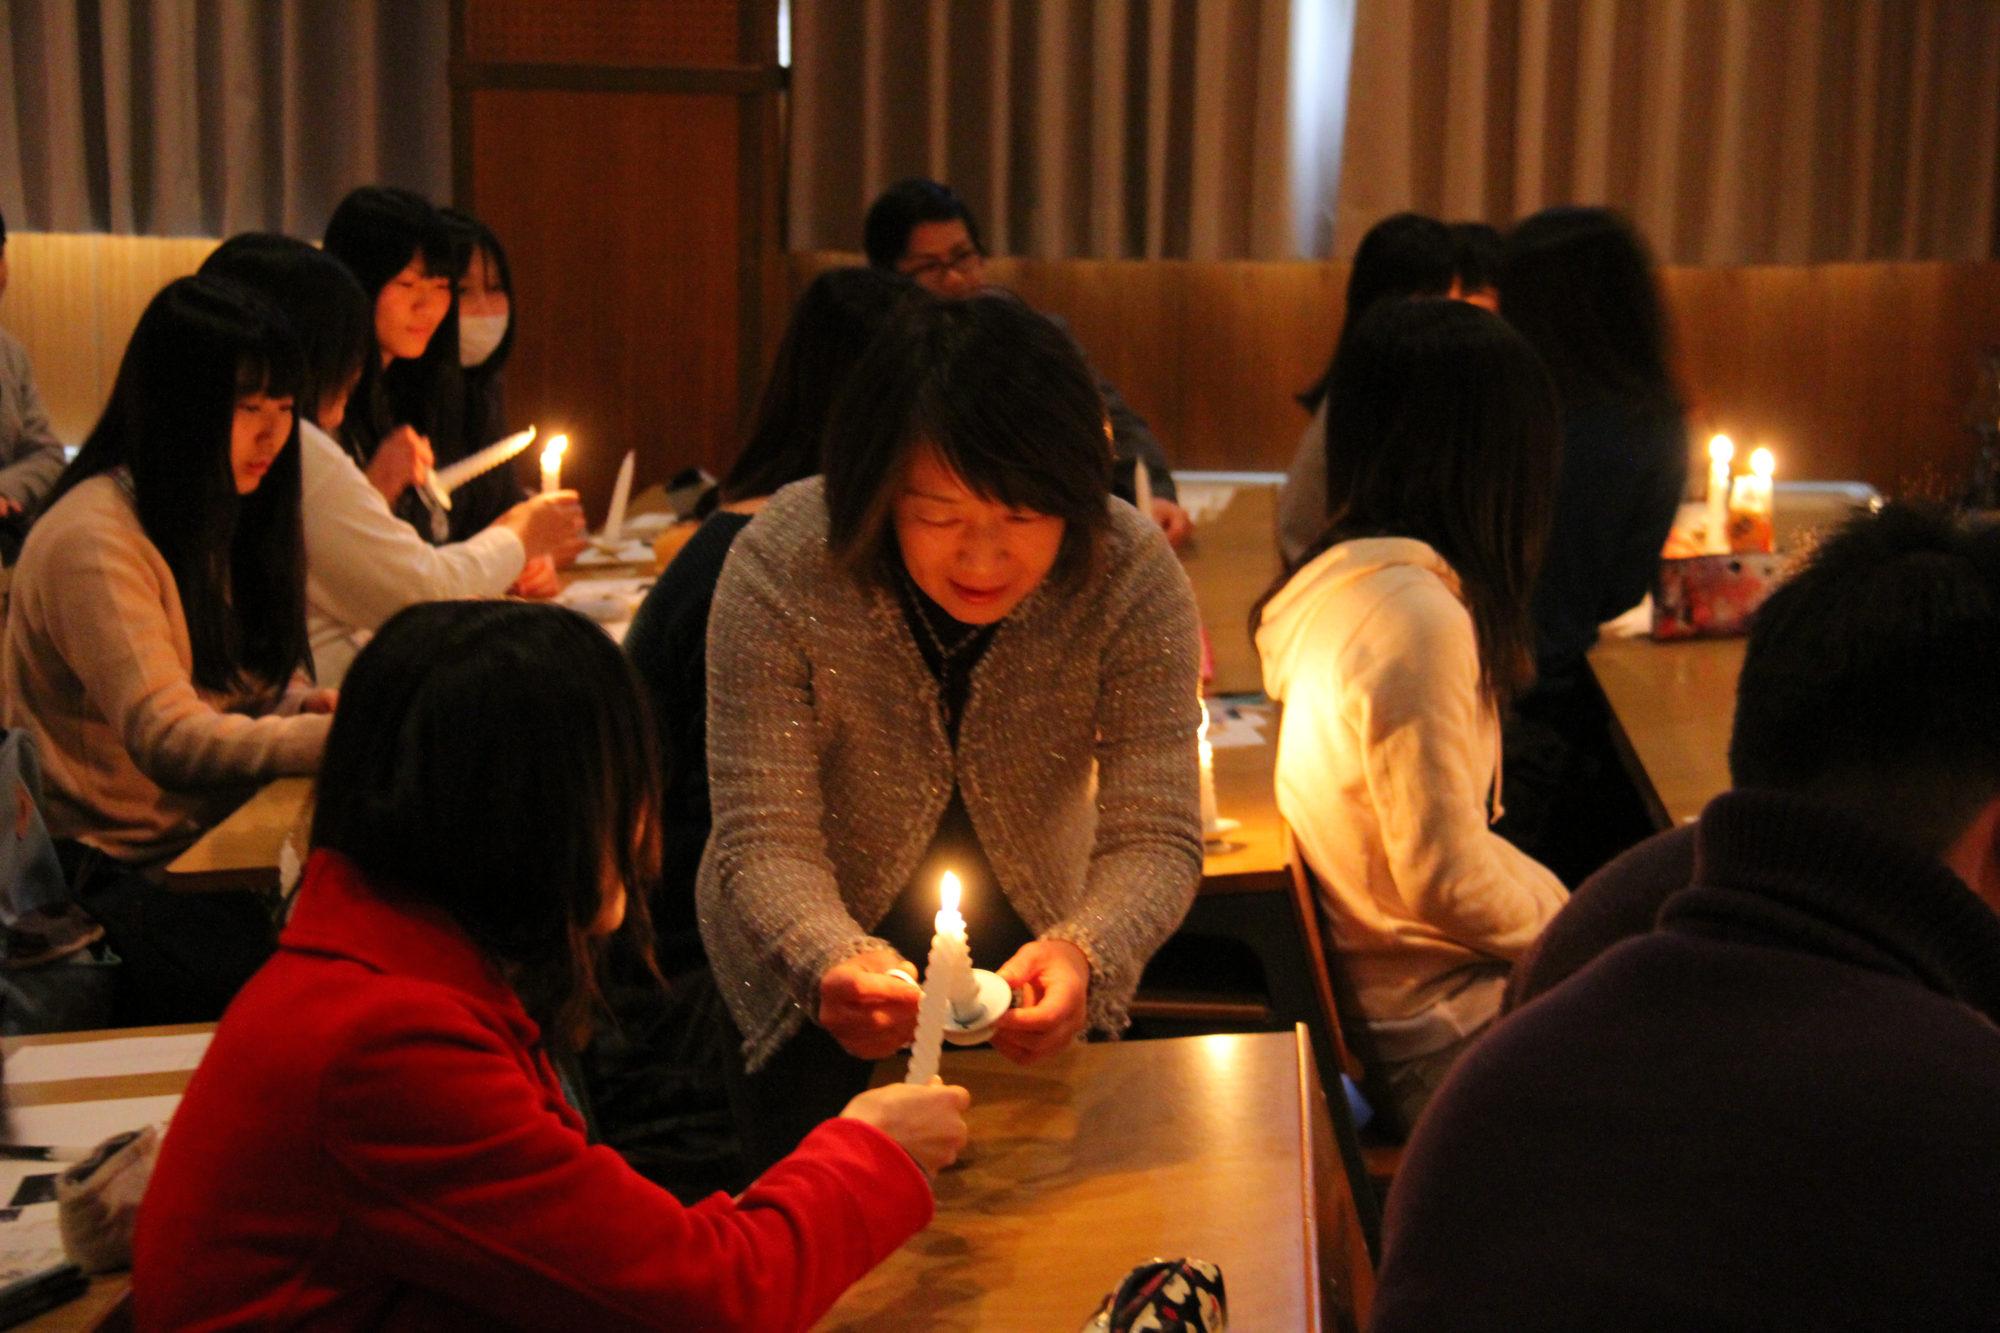 キャンドルの光でクリスマスを祝う、燭火礼拝